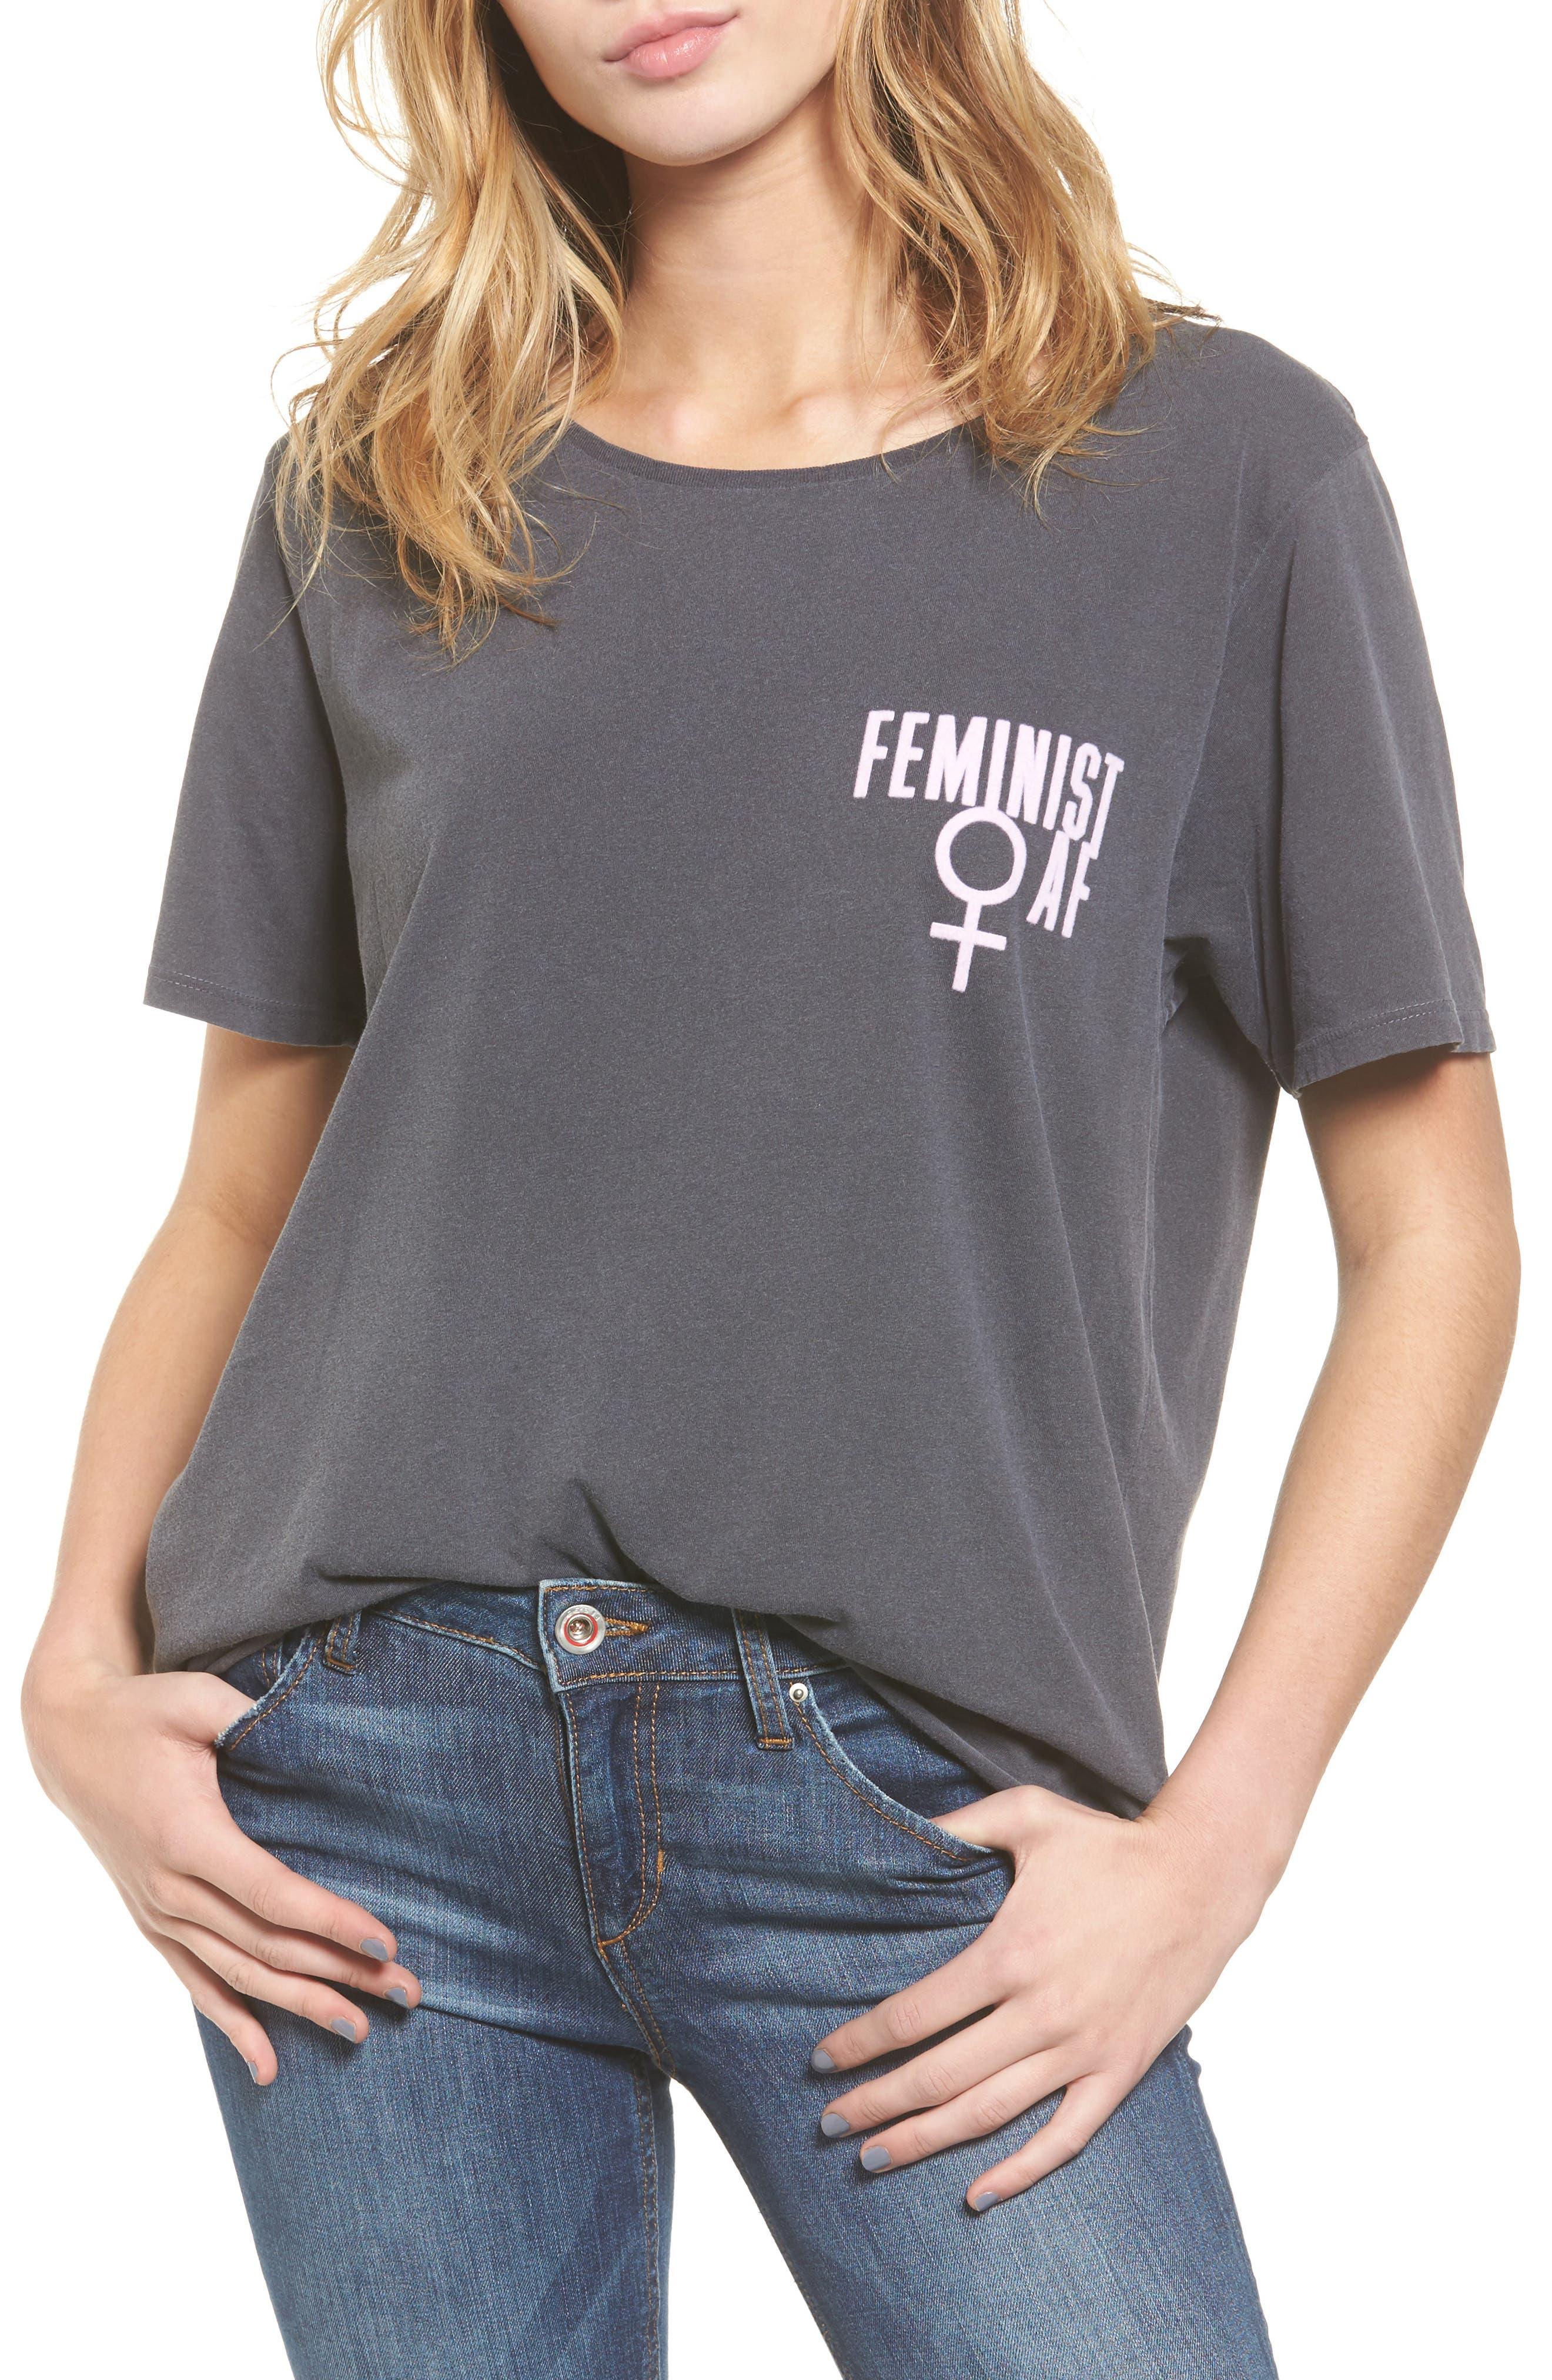 Junkfood Feminist Tee